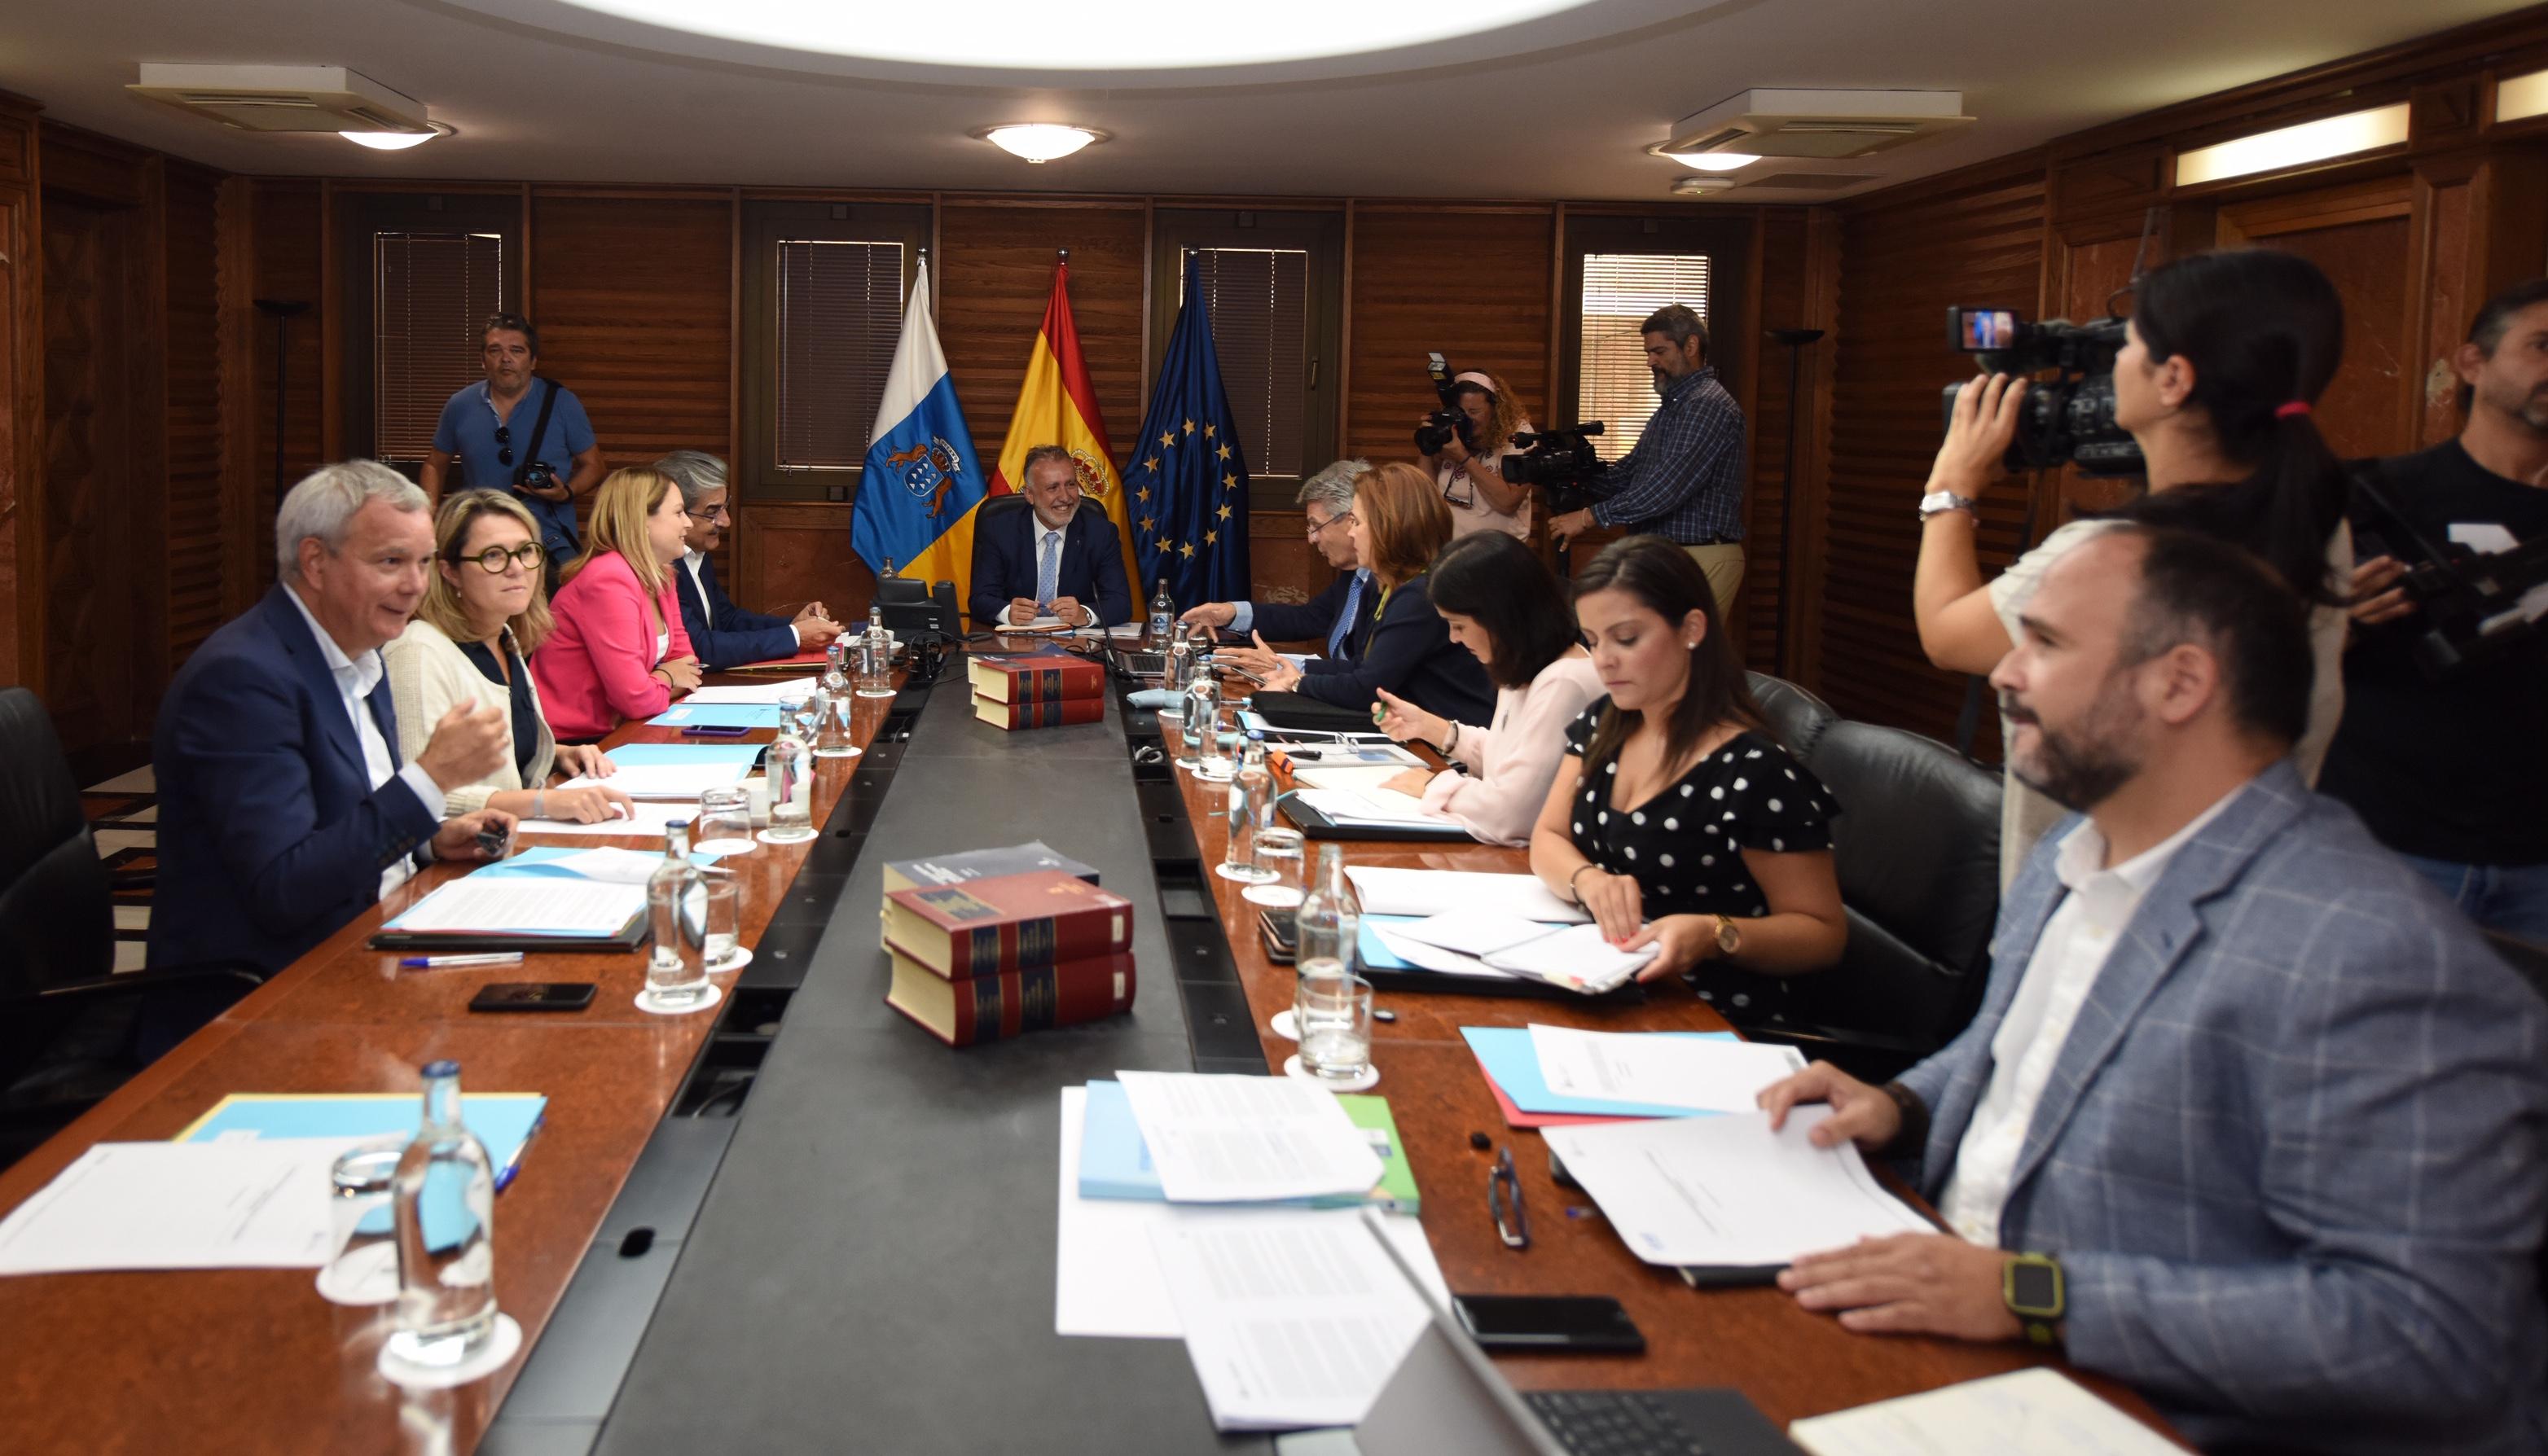 Ángel Víctor Torres preside la reunión del Gobierno